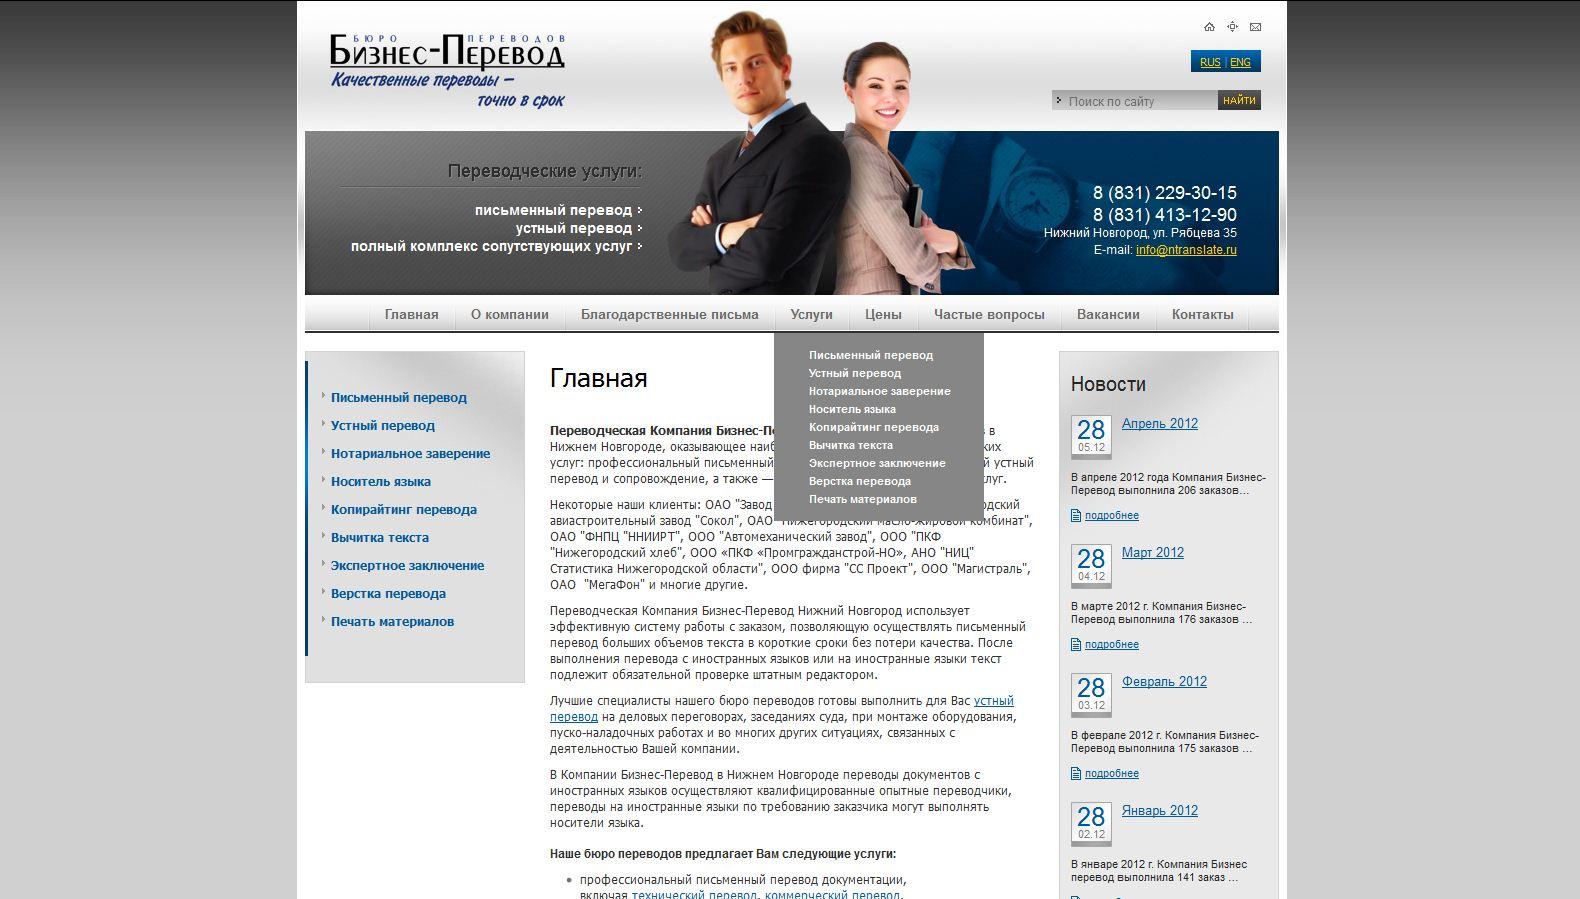 ntranslate.ru